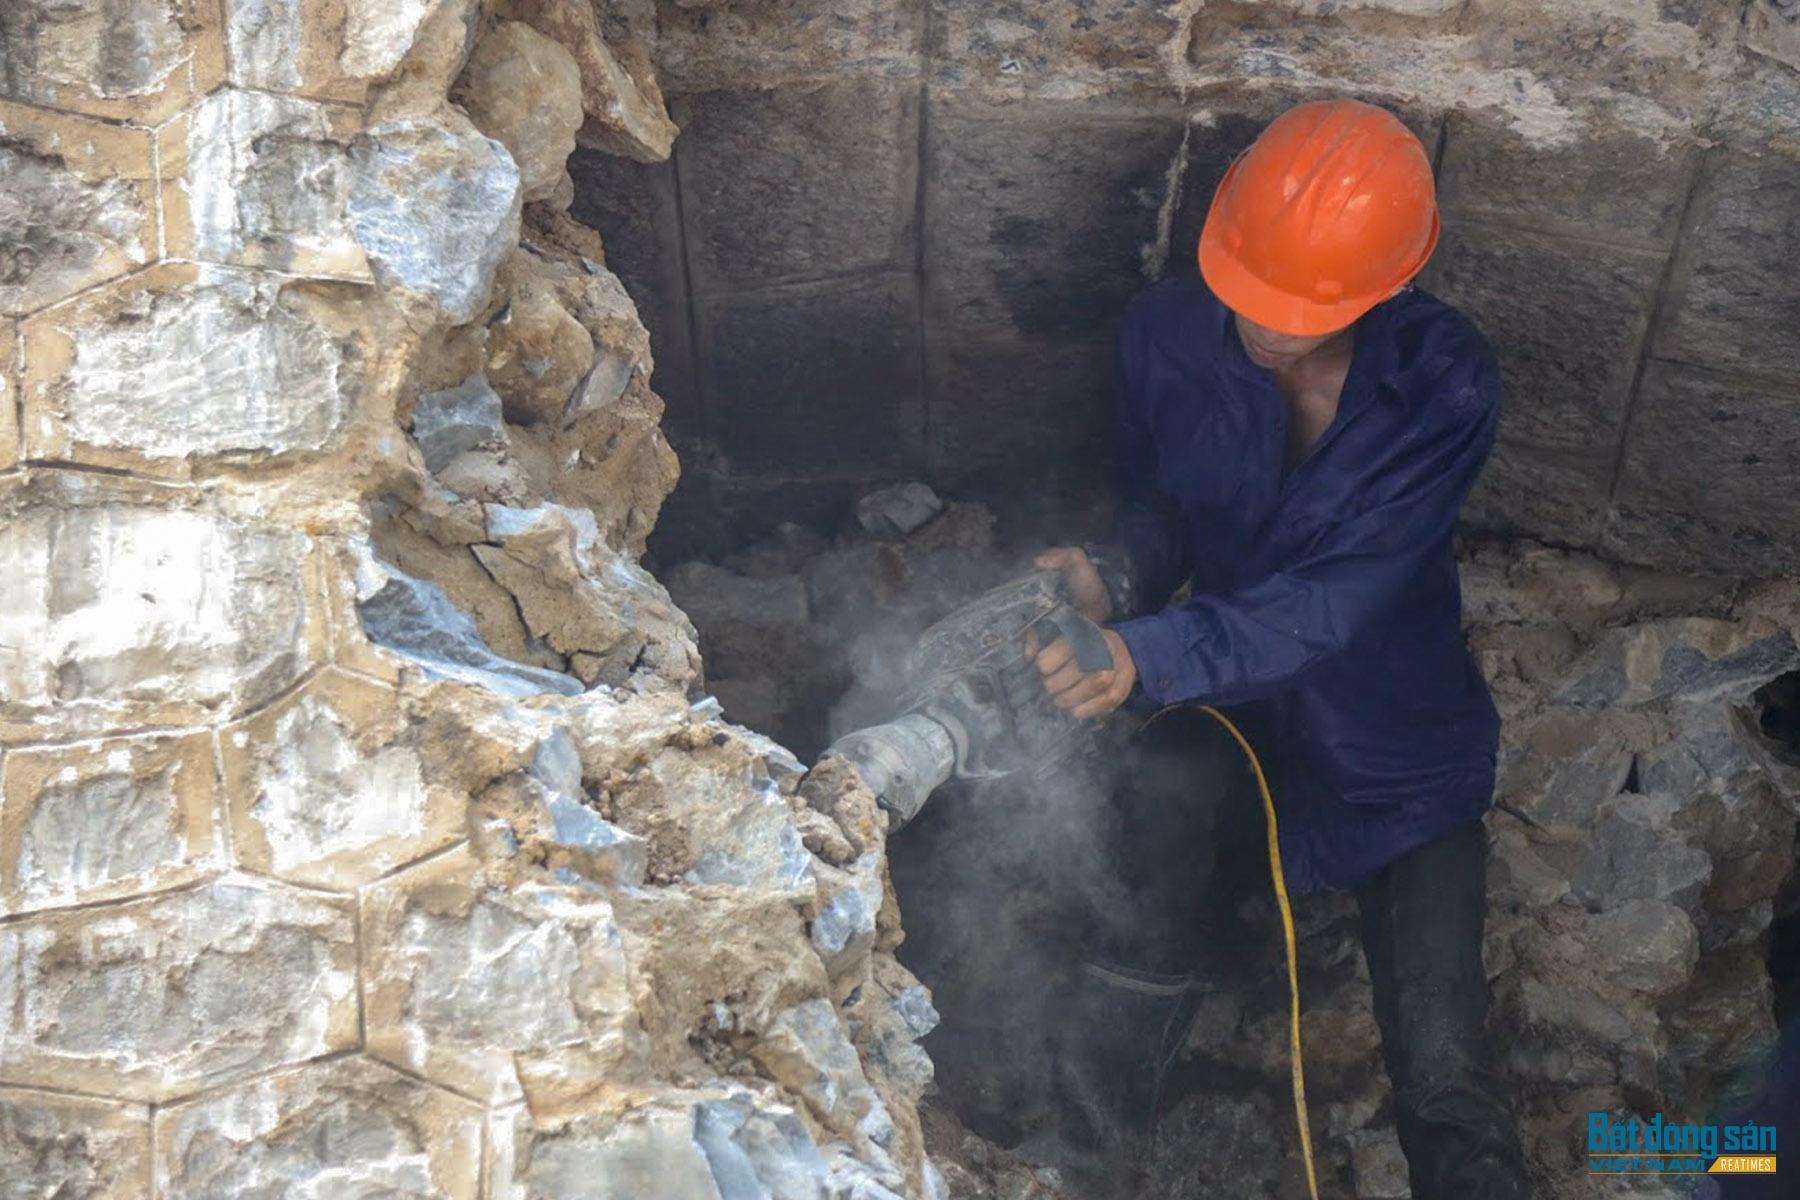 Hà Nội: Cận cảnh quá trình đục thông 5 vòm cầu đá trên phố Phùng Hưng